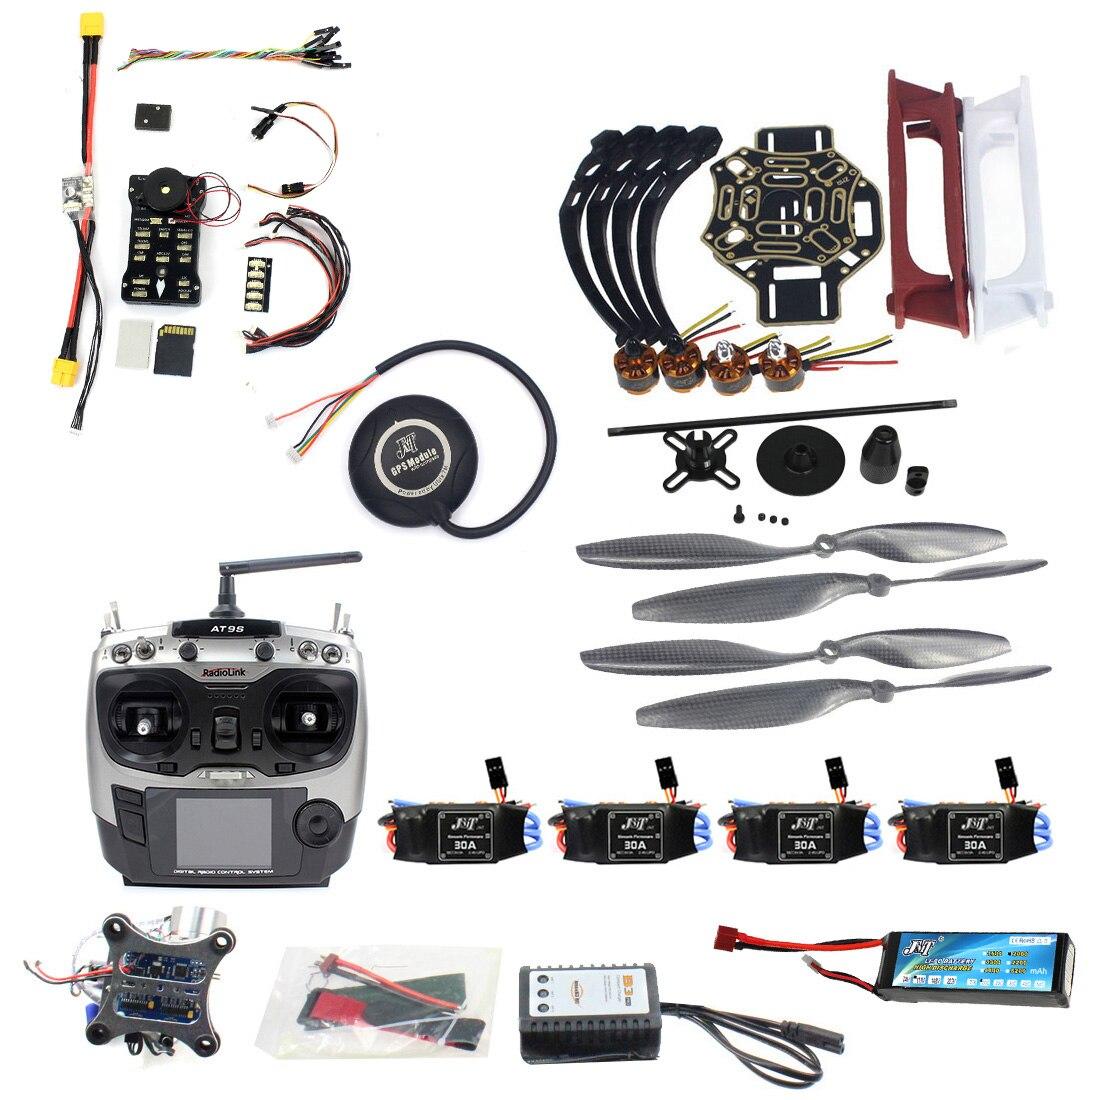 DIY RC FPV Drone комплект 4 оси Quadcopter с F450 450 кадров PIXHAWK управление полетом Pxi px4 920KV двигателя gps AT9S передатчик RX